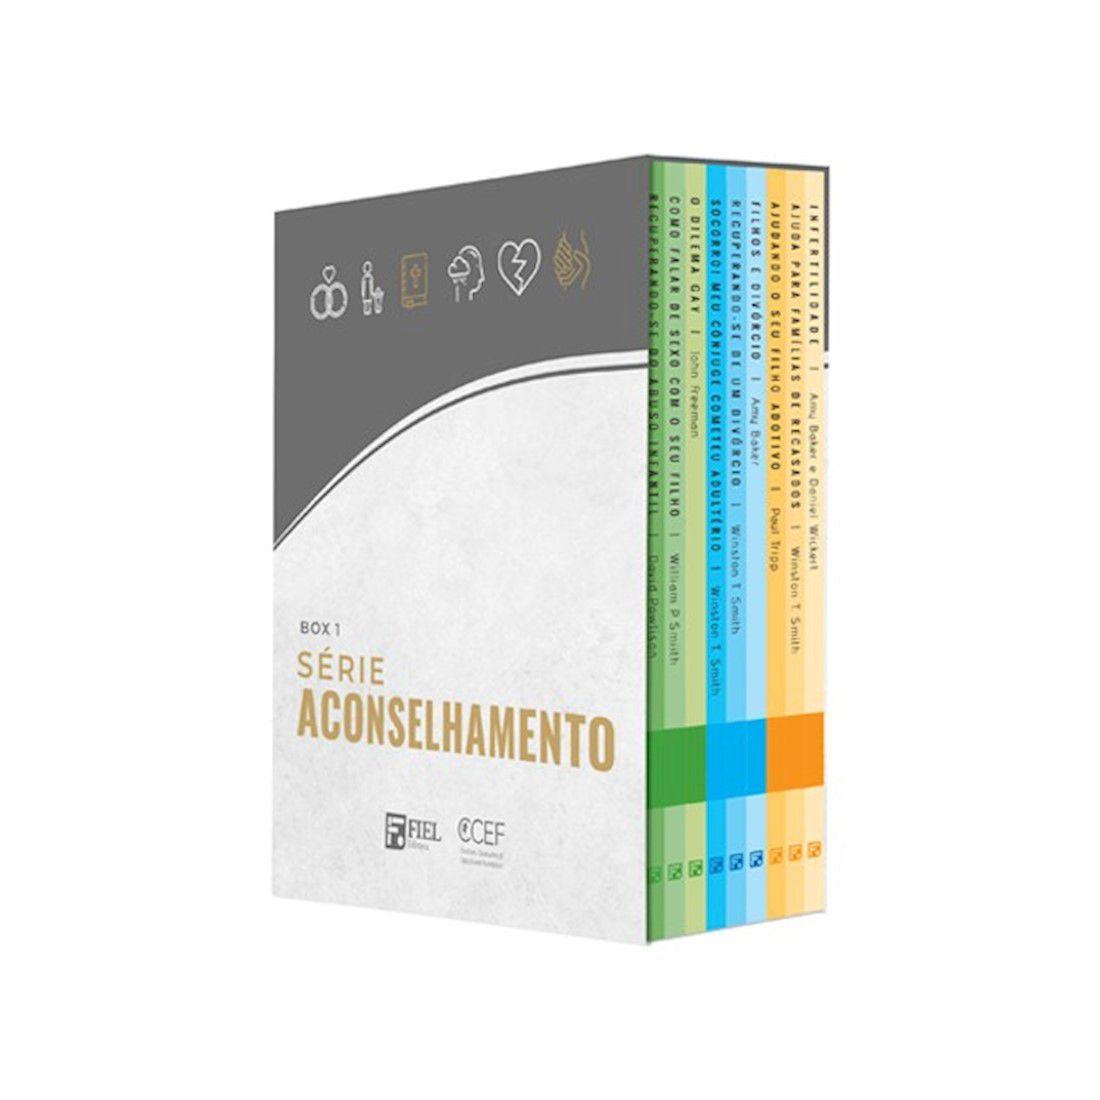 Livro Box 1: Série Aconselhamento (Nº 1 ao Nº 9)